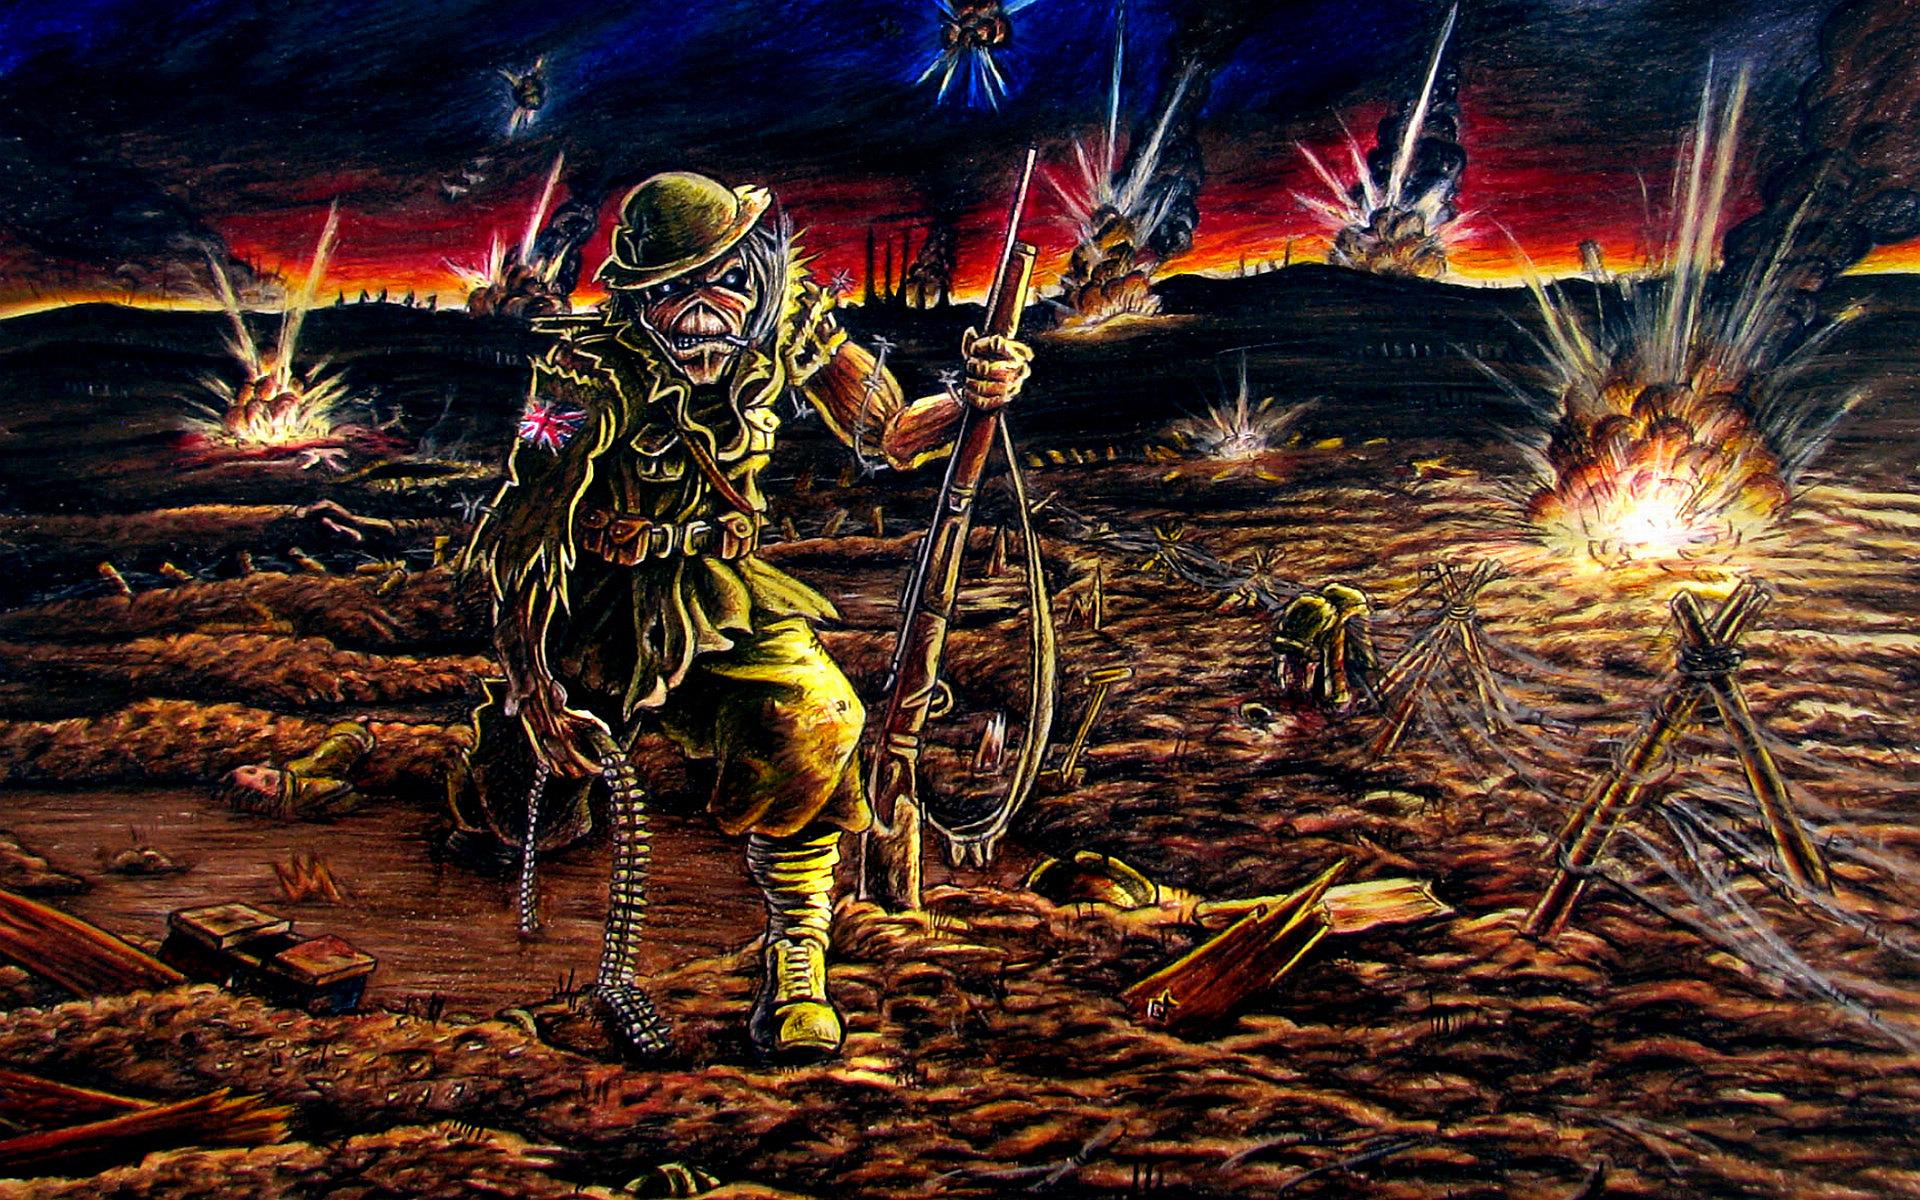 Iron Maiden Desktop Wallpaper: Iron Maiden Wallpaper HD